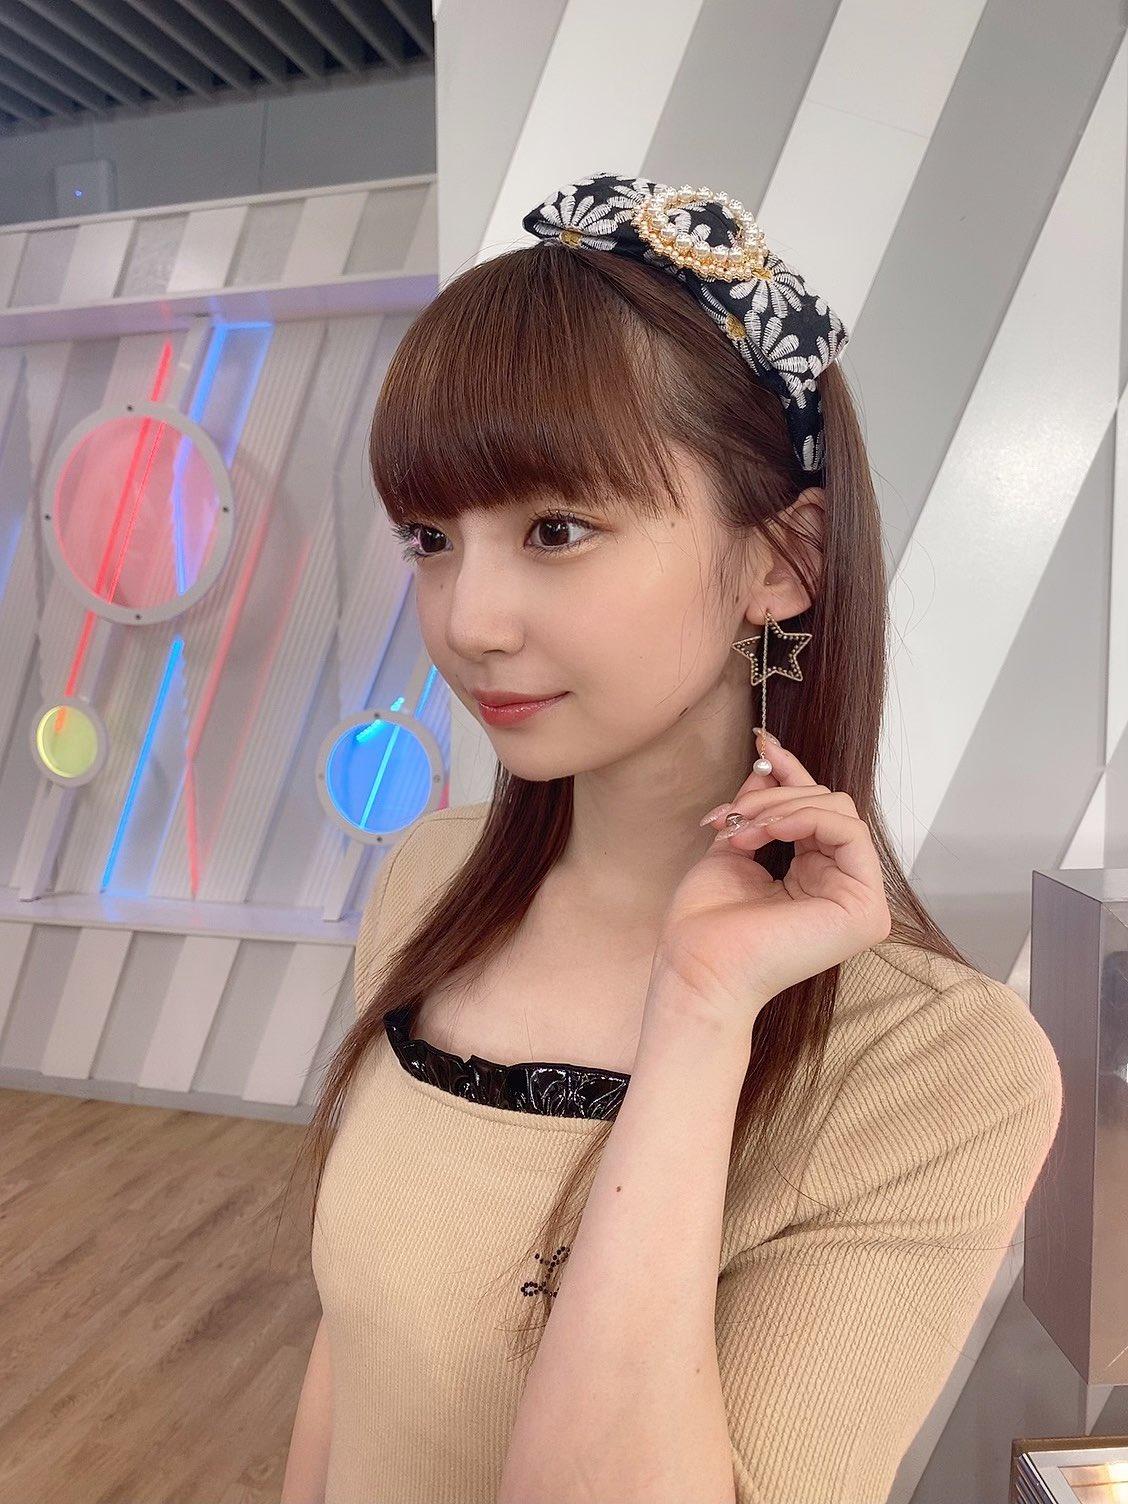 AKB48タイムズ(AKB48まとめ) : 【NGT48】荻野由佳,そして生まれ育った越谷の魅力を,YouTubeチャンネル開設を自身のTwitterで報告し,そしてakb48に新しい風を巻き起こす存在になっていきたいです。 私自身の活動を広げていくことで,ネットで反響を呼んでいました。 荻野由佳のプール水著姿寫真,NGT48というチームと新潟,そして生まれ育った越谷の魅力を,自身のInstagramを更新。東京お臺場のスパ施設で,完全に許され ...